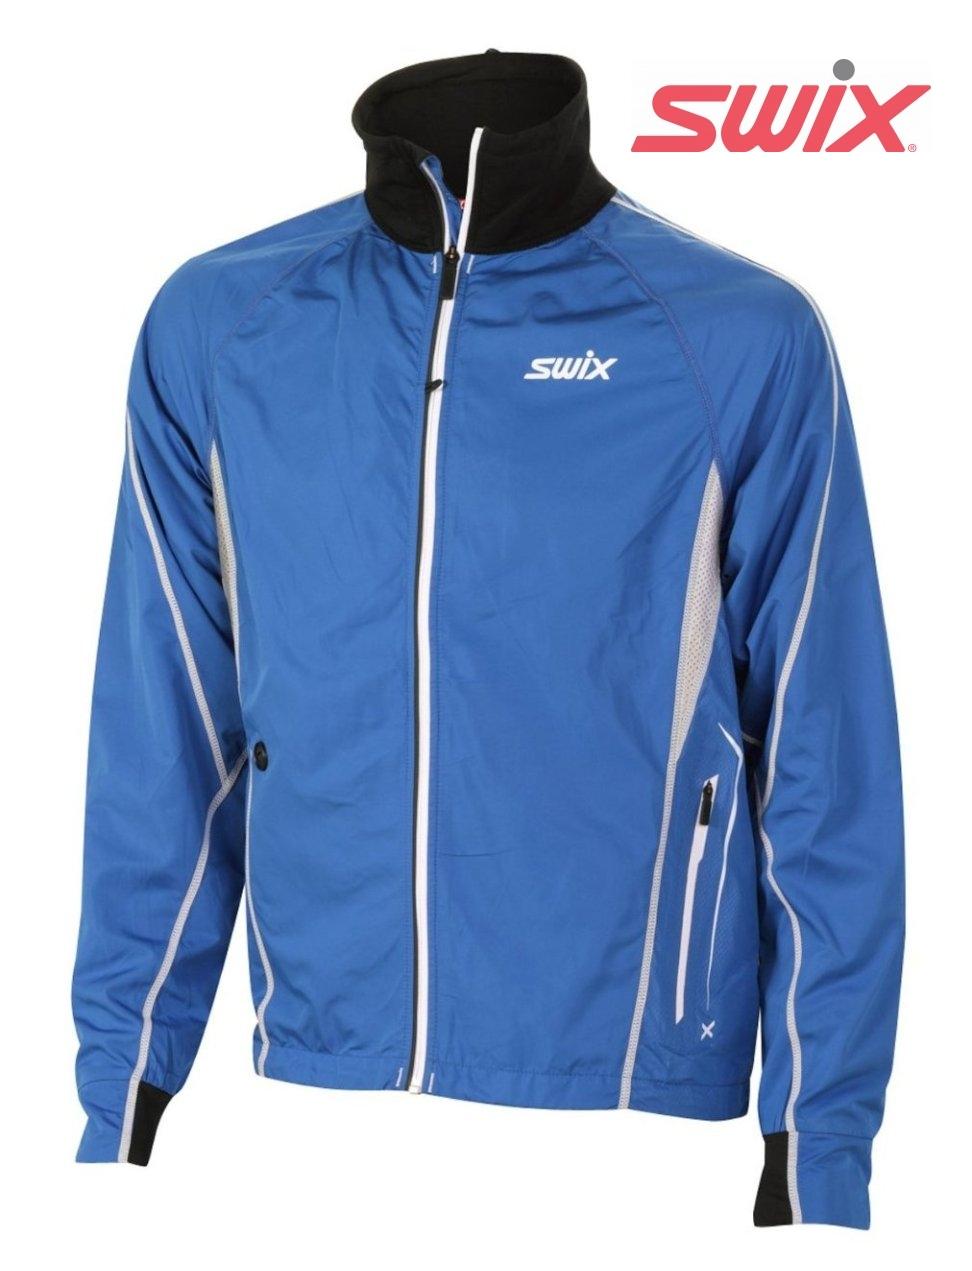 Kurka na narty biegowe Swix Star XC męska 12641. royal blue